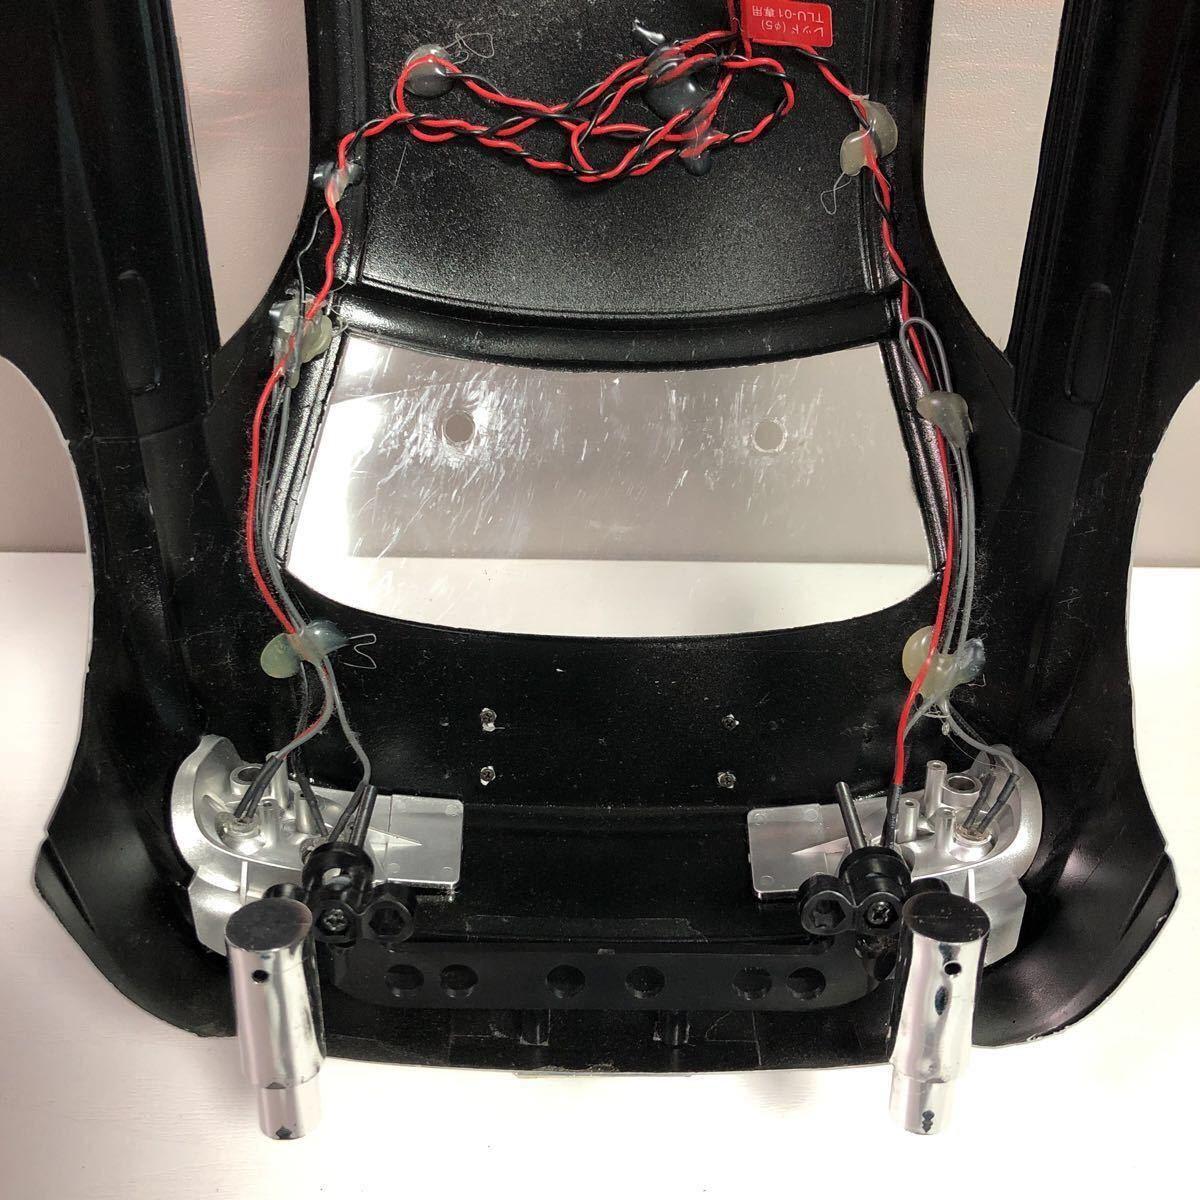 売切!1円スタート!タミヤ 1/10 電動RC ボディセット スバル インプレッサ WRC 塗装済 ジャンク 社外ウイング ライトユニット付_画像9